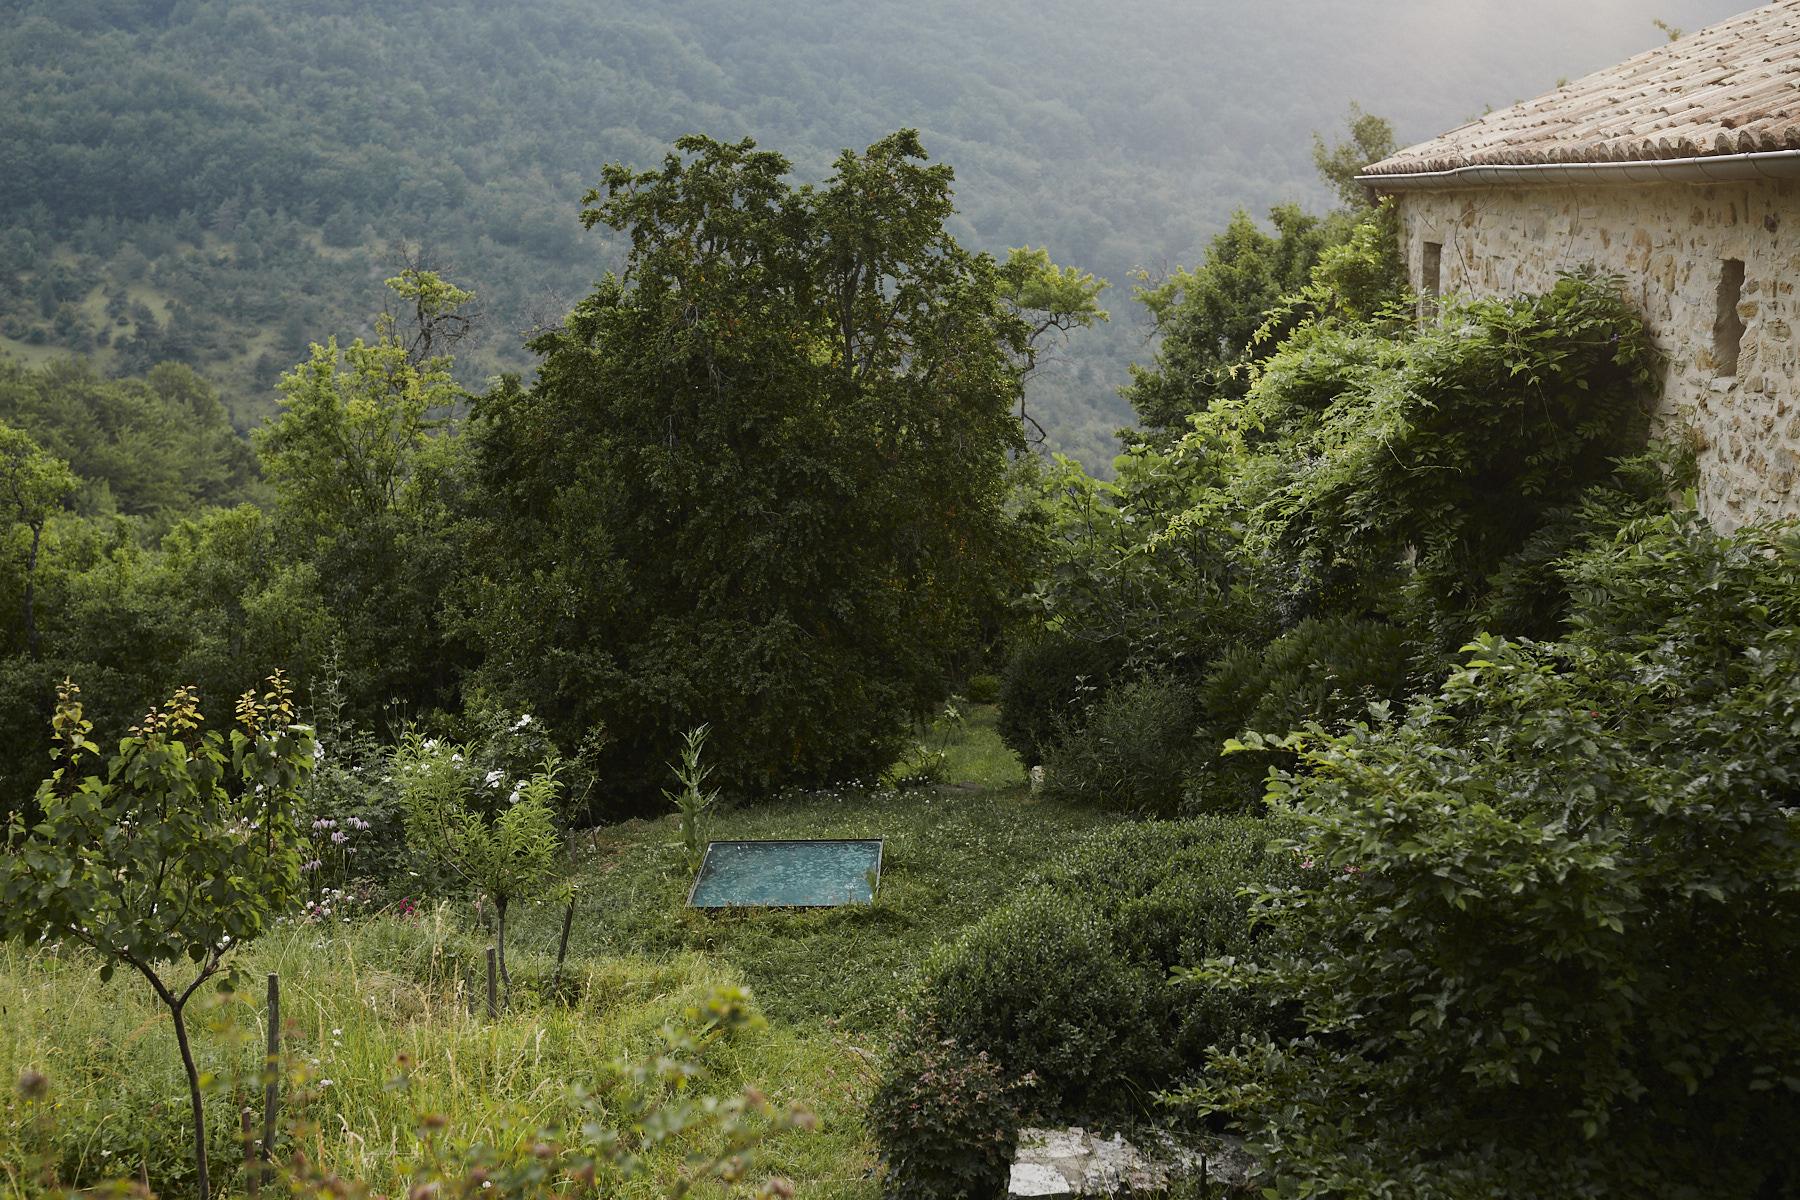 A  Capteur  in the garden in Drôme.